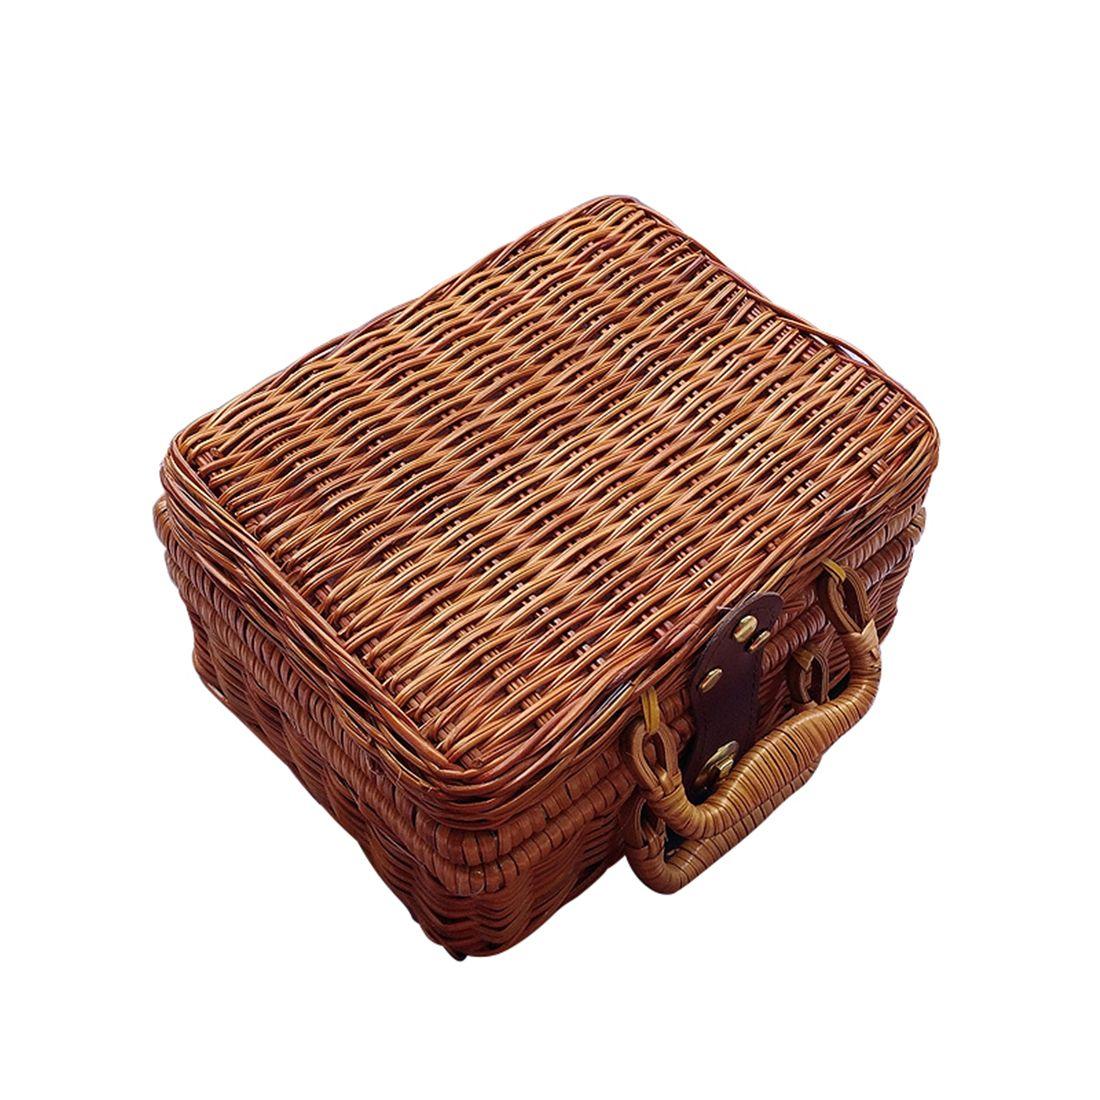 Чистая рука г-жи кантон г-жи Куш китайская литература искусство винтажной корзины бамбука путешествия в сумке для хранения реквизит